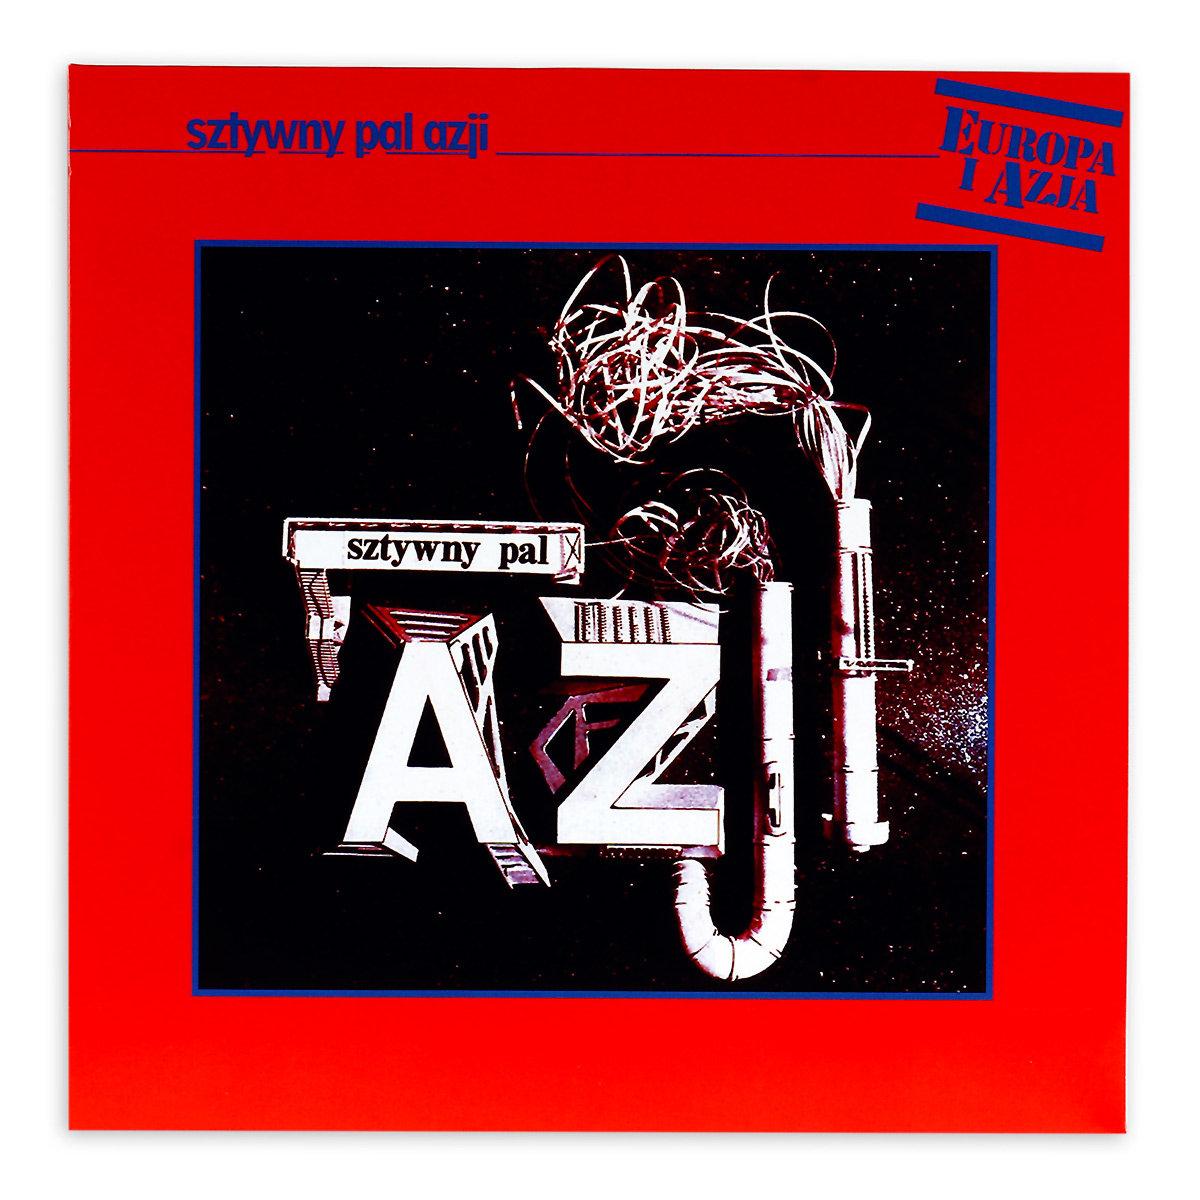 Okładka albumu przedstawia grafikę w industrialnym stylu. Na ciemnym tle znajduje się napis: Sztywny Pal Azji, zbudowany z metalowych belek i kominów.